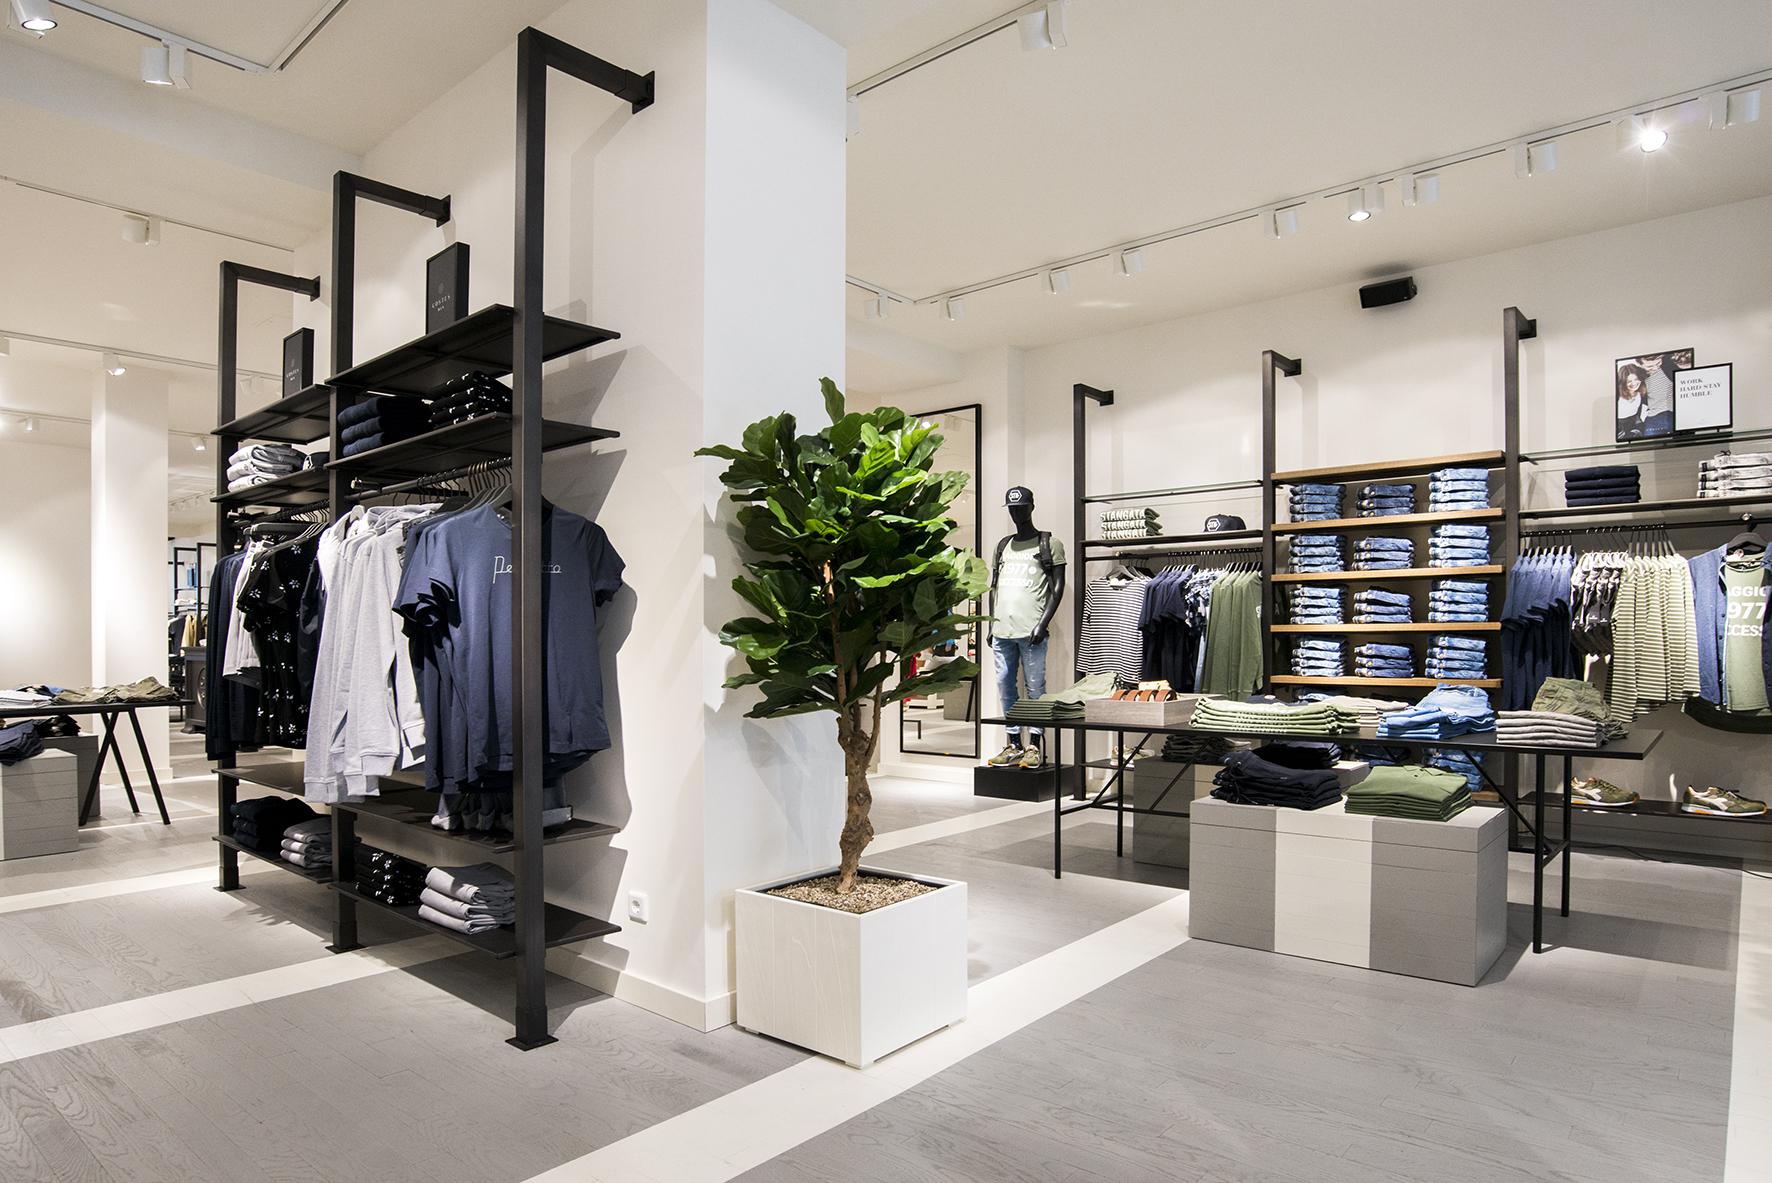 Winkelcentrum Eindhoven